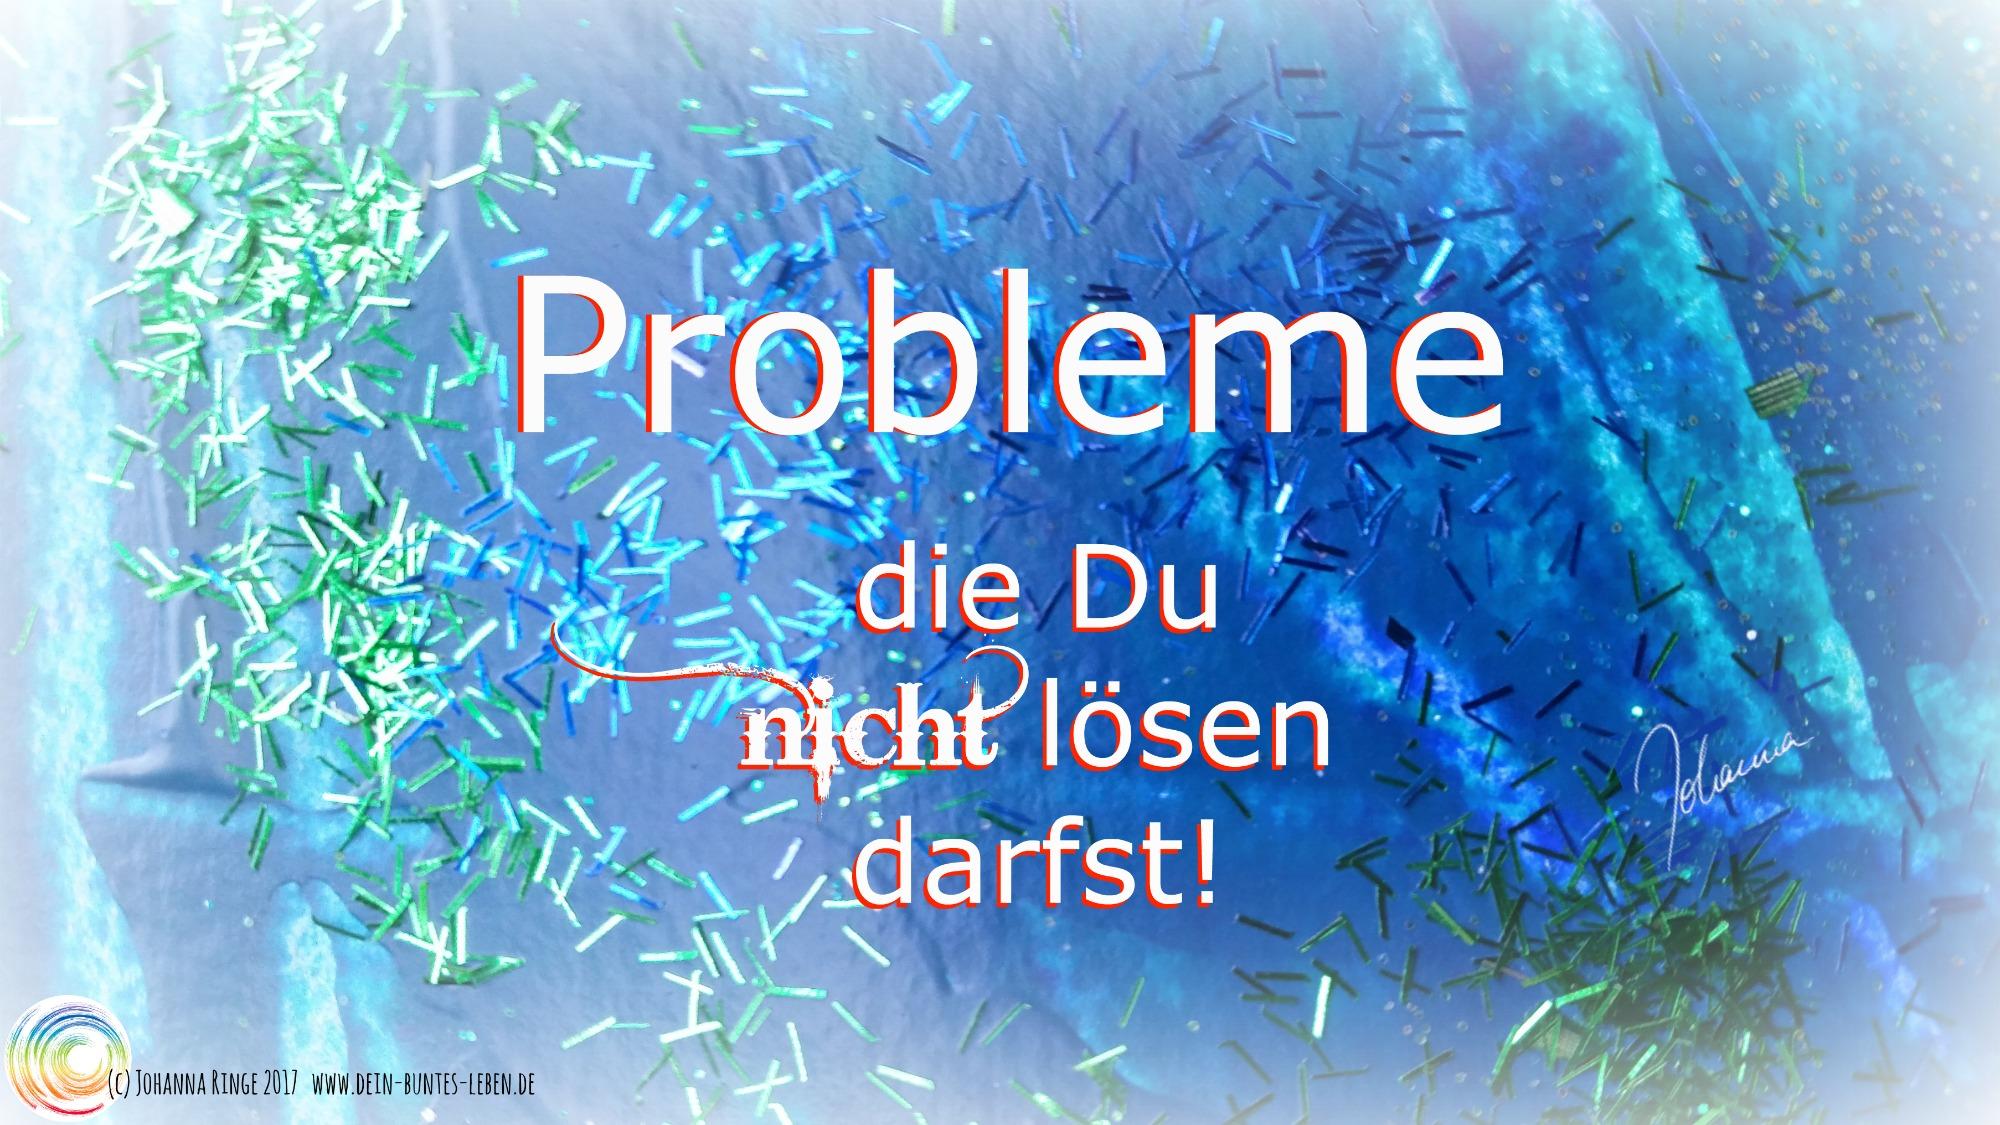 Schriftzug: Probleme die Du nicht lösen darfst, auf blauem Hintergrund. (c) Johanna Ringe 2017 www.dein-buntes-leben.de